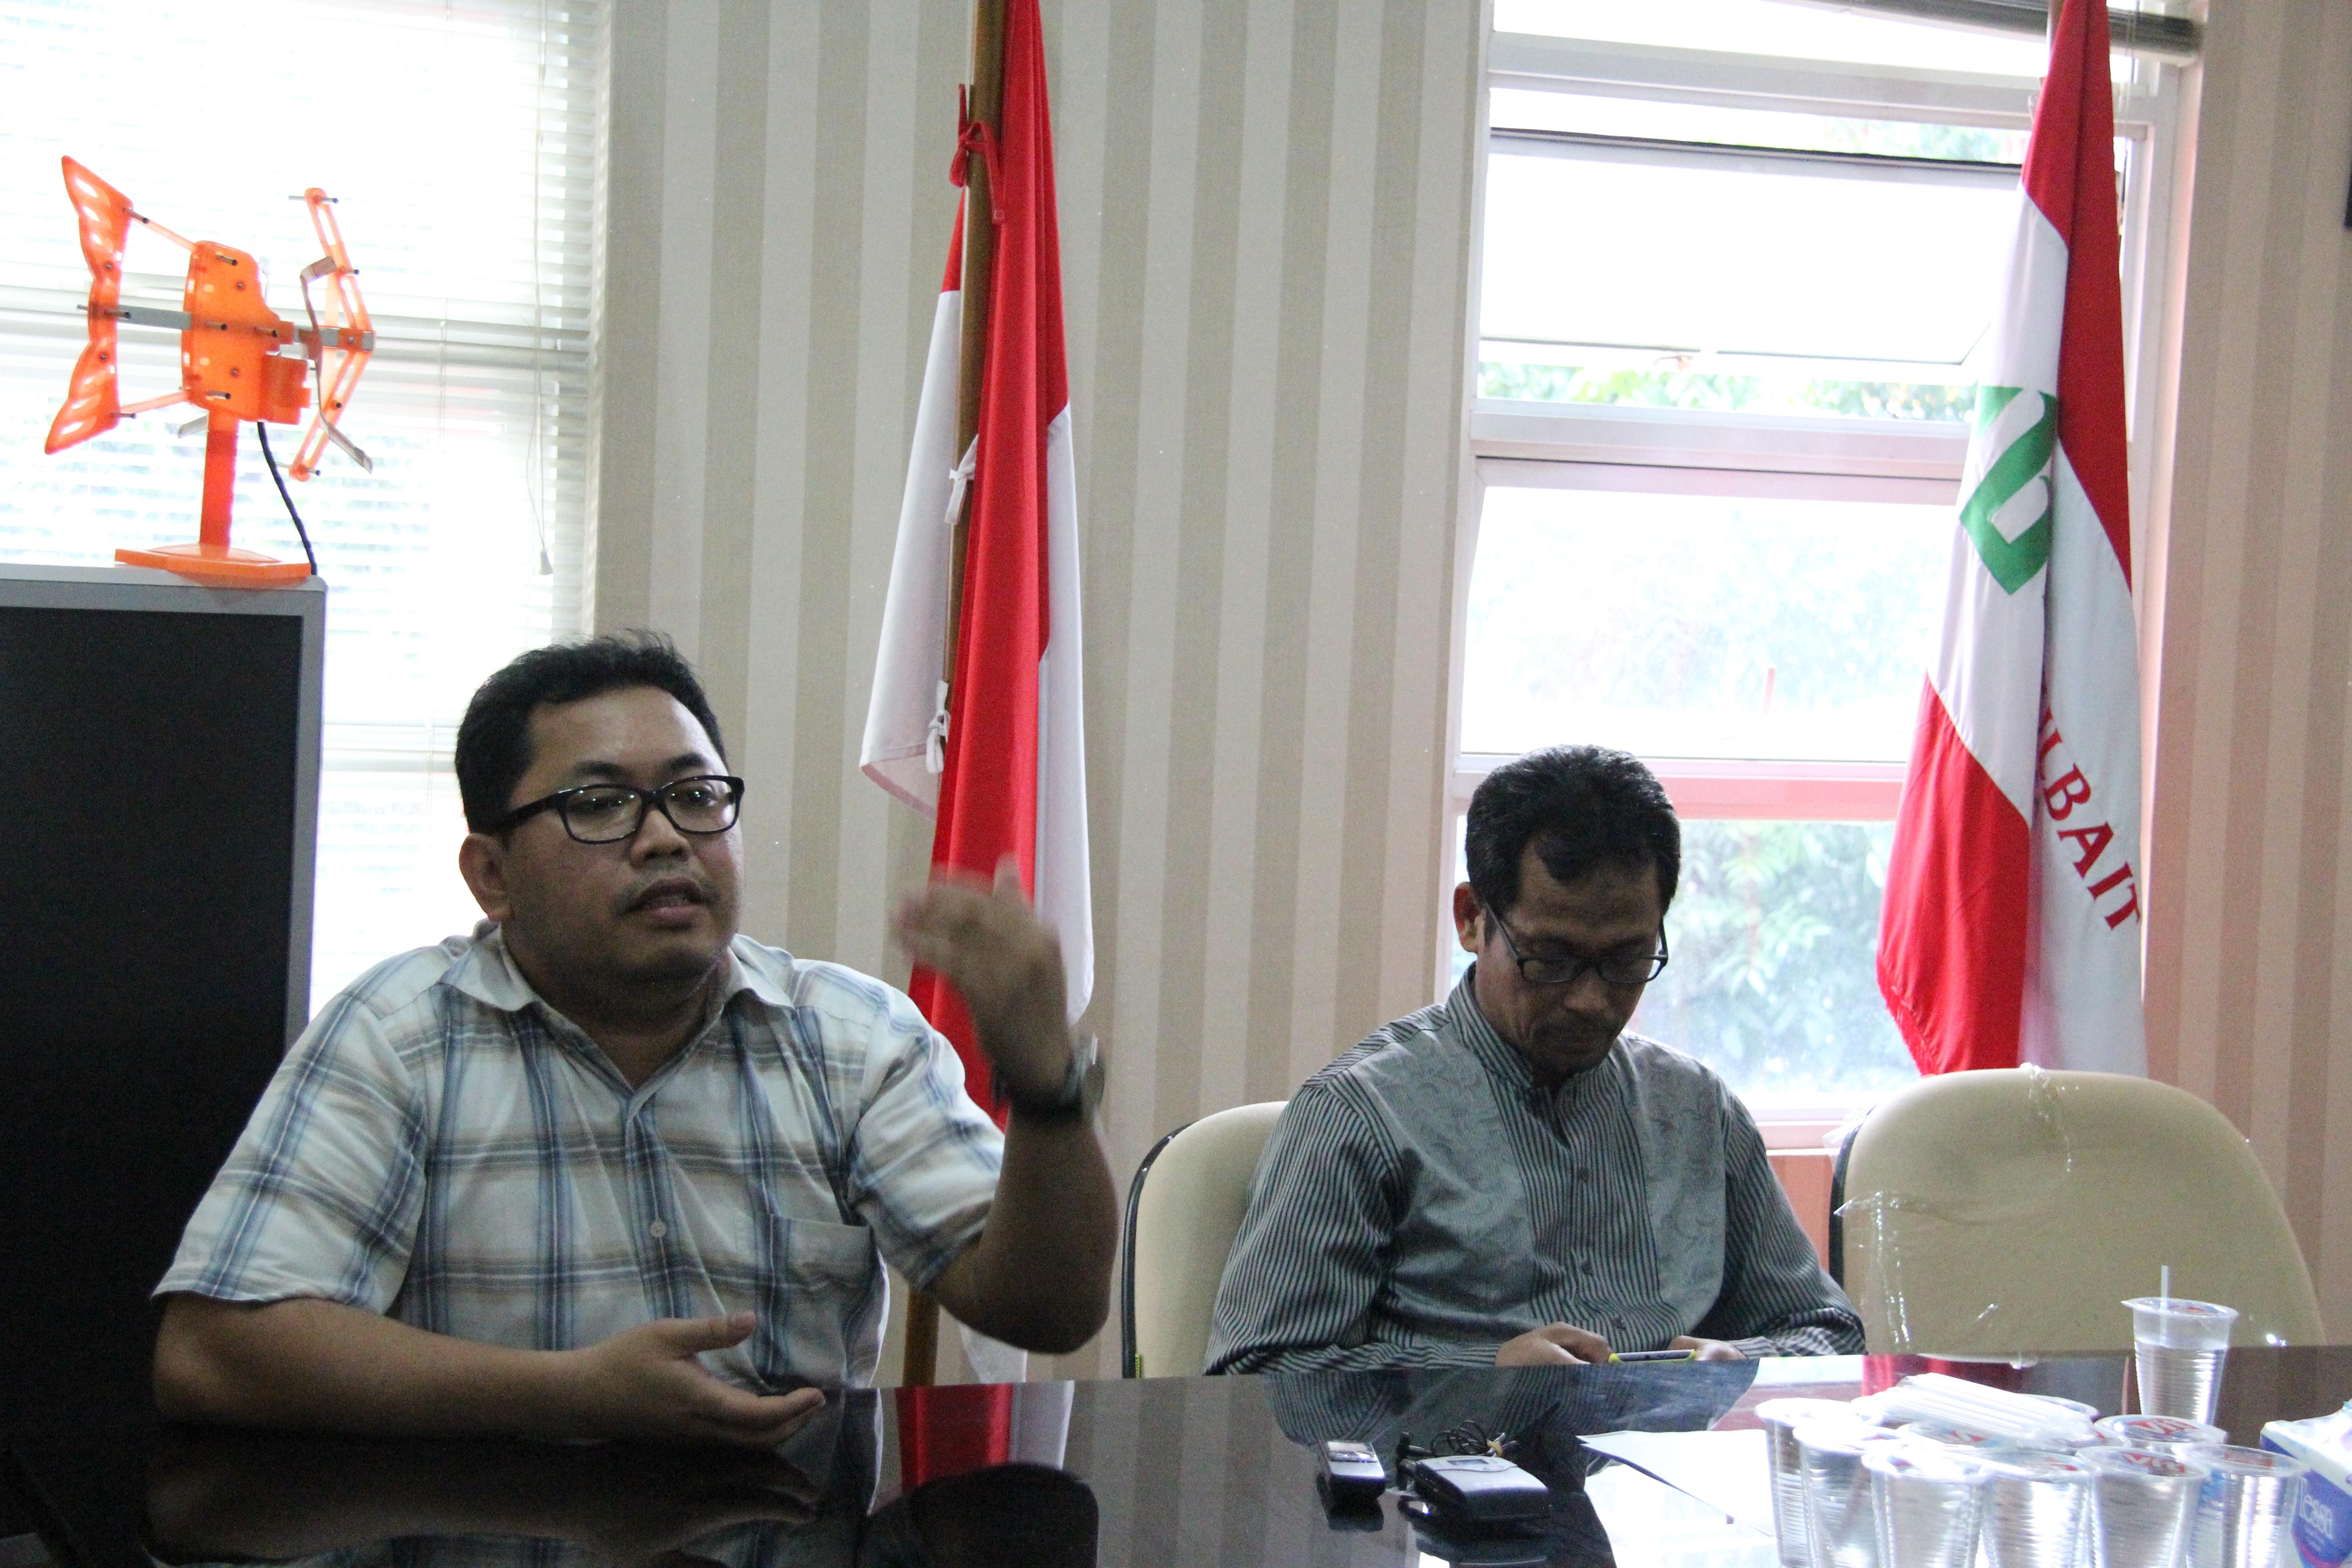 kantor DPP Ahlulbait Indonesia